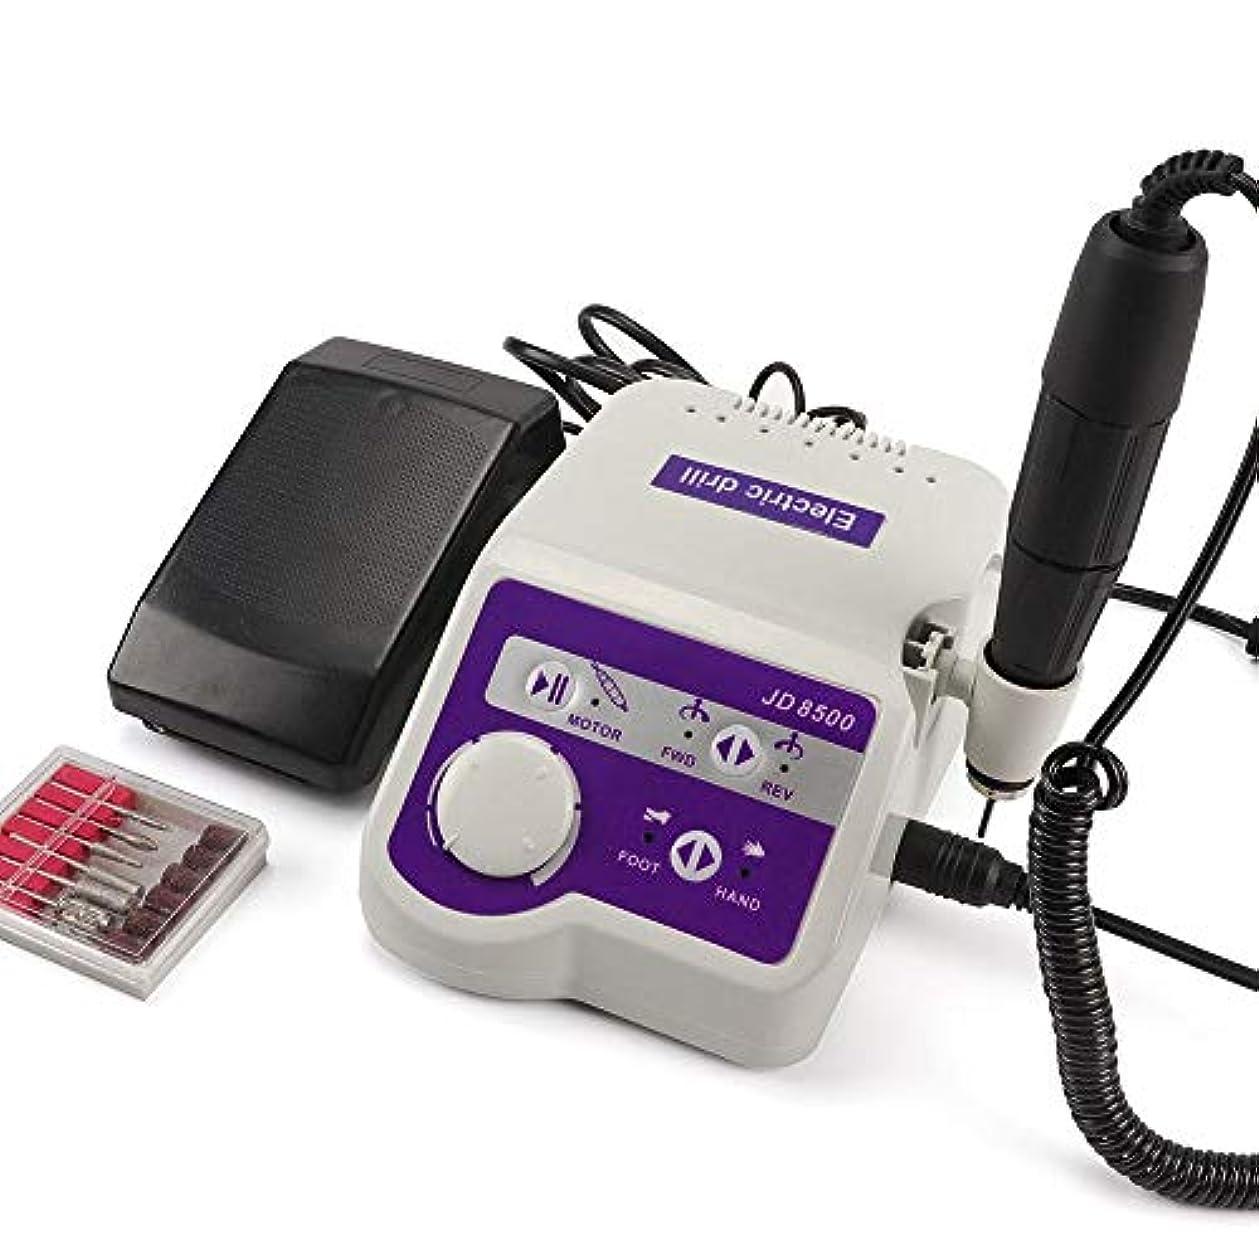 下に器官ビスケット65ワット35000 rpmプロフェッショナルJD8500電動ネイルドリル機35000 rpmマニキュアツールペディキュアポリッシャーネイルアート機器